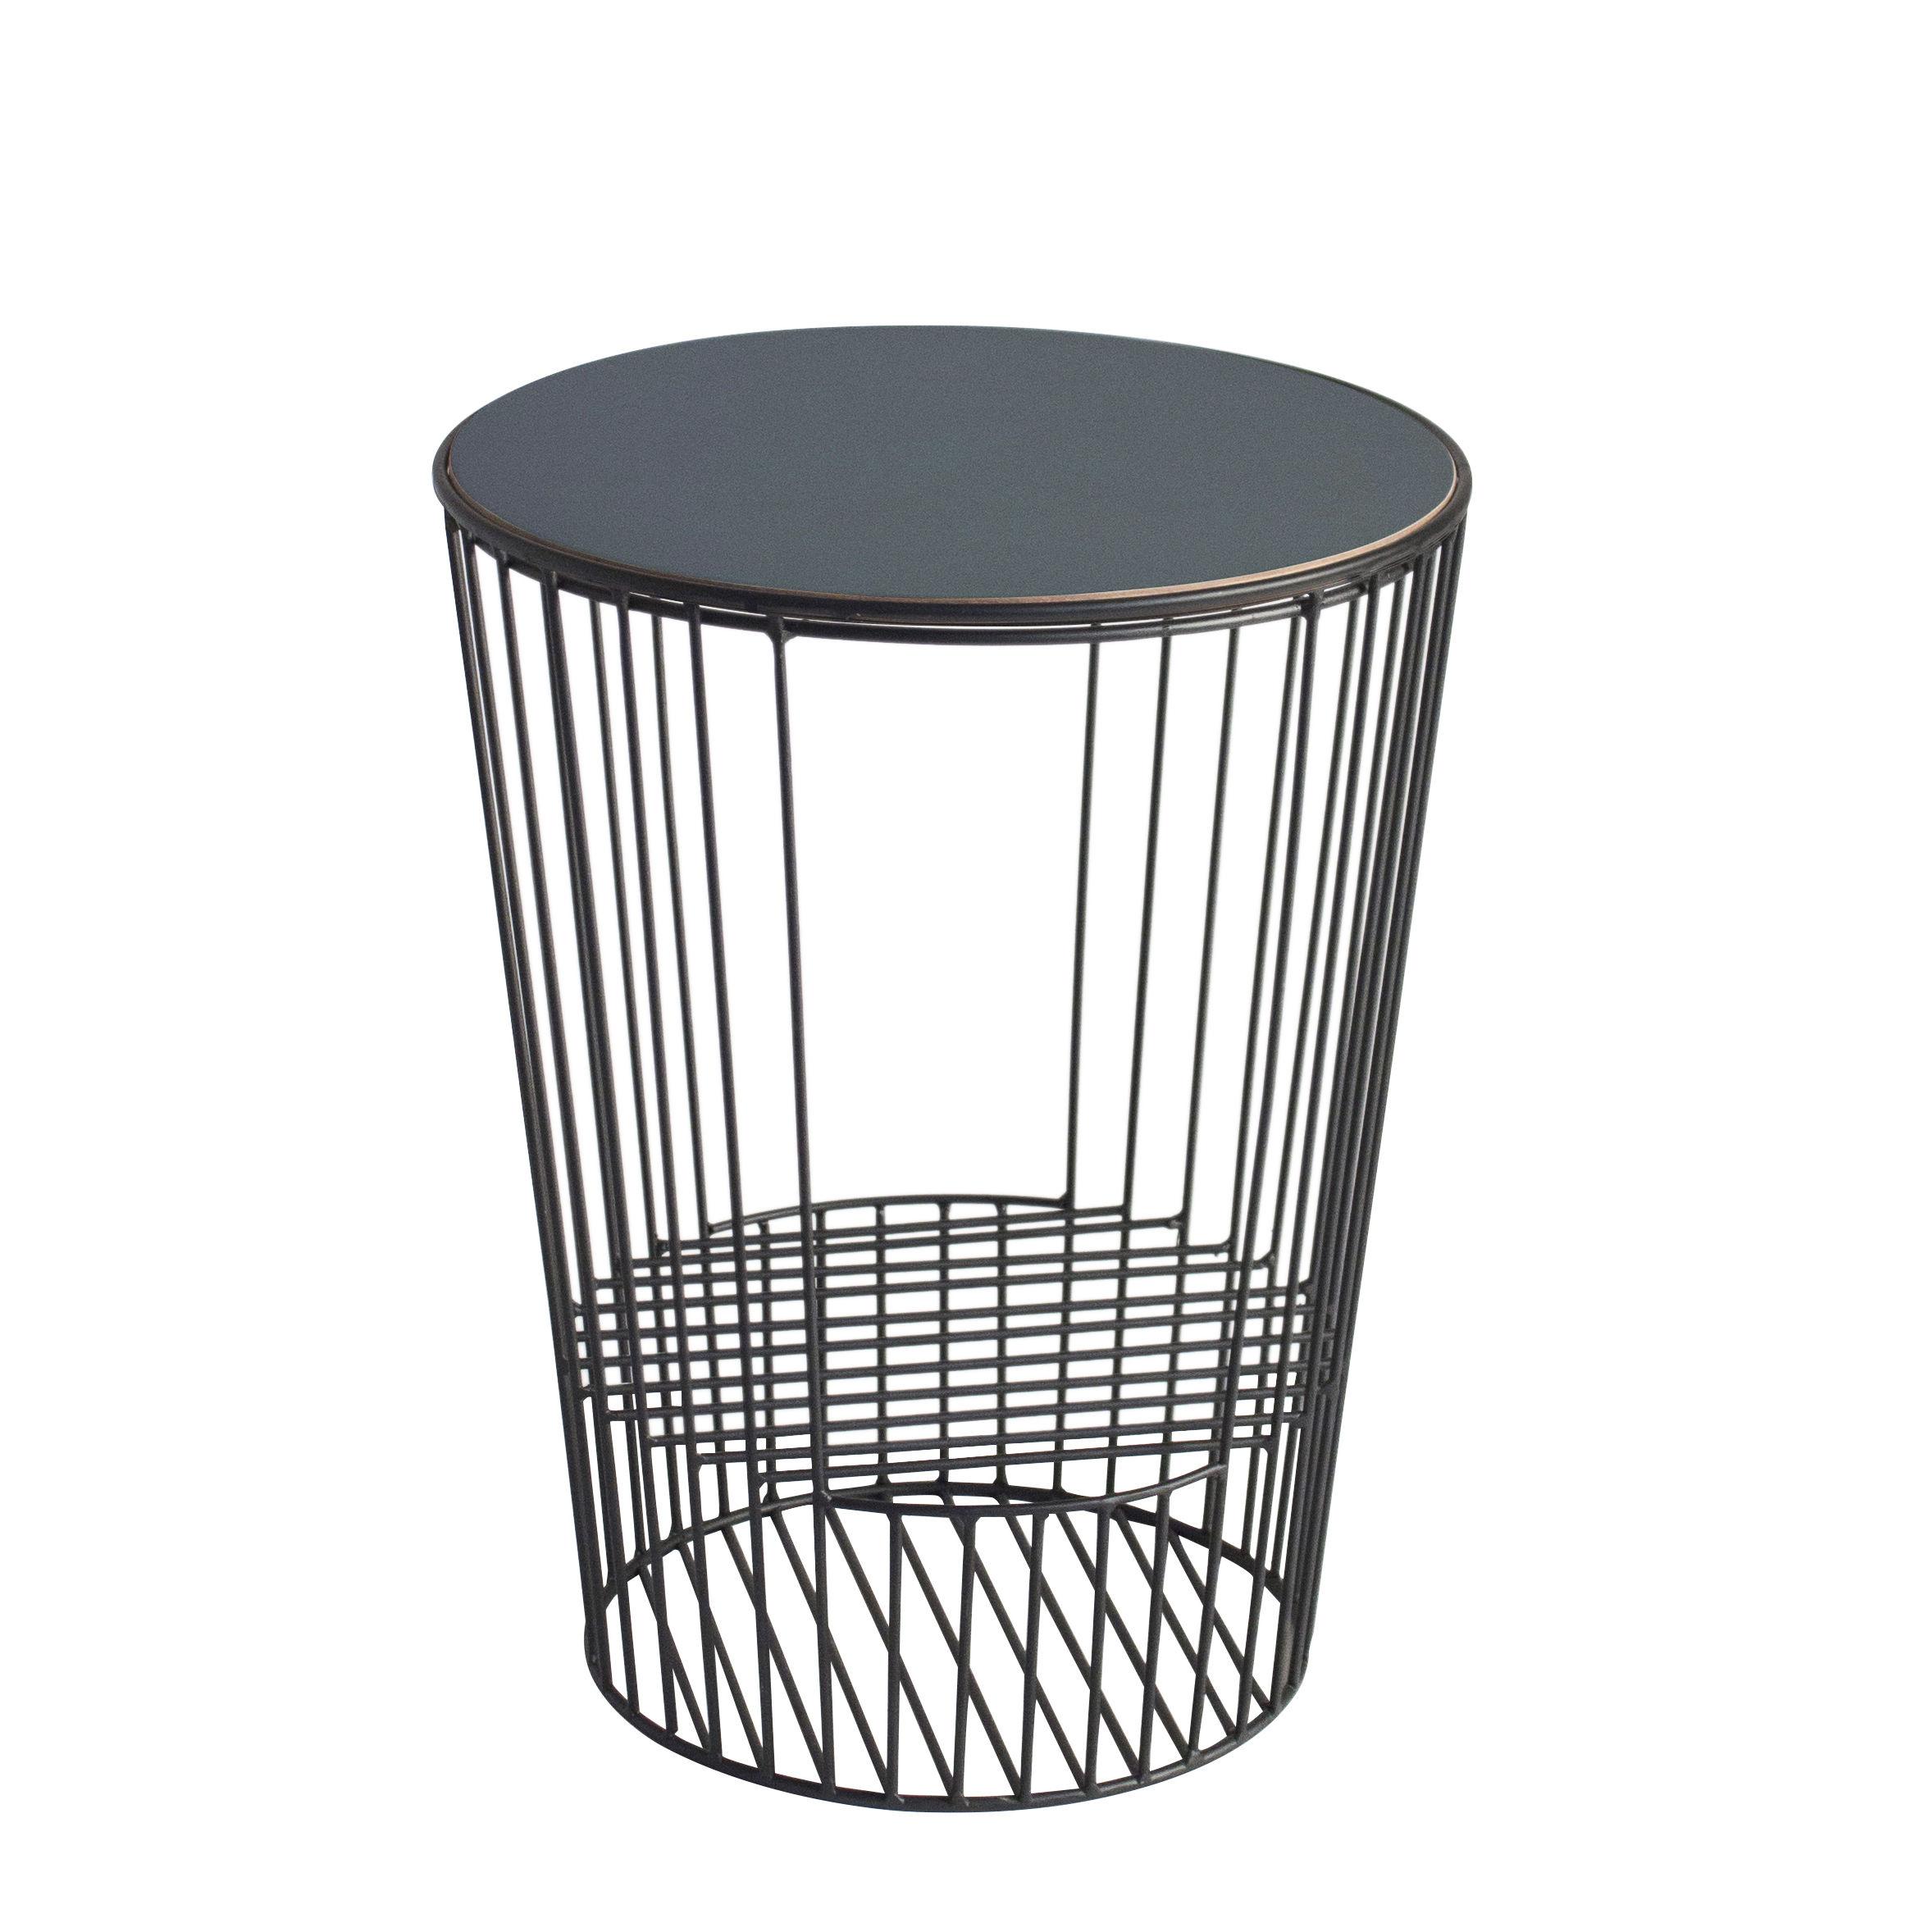 Mobilier - Tables basses - Table d'appoint Ernestin / Porte-revues - Ø 35 x H 44 cm - Hartô - Noir & noyer - Contreplaqué, Métal laqué